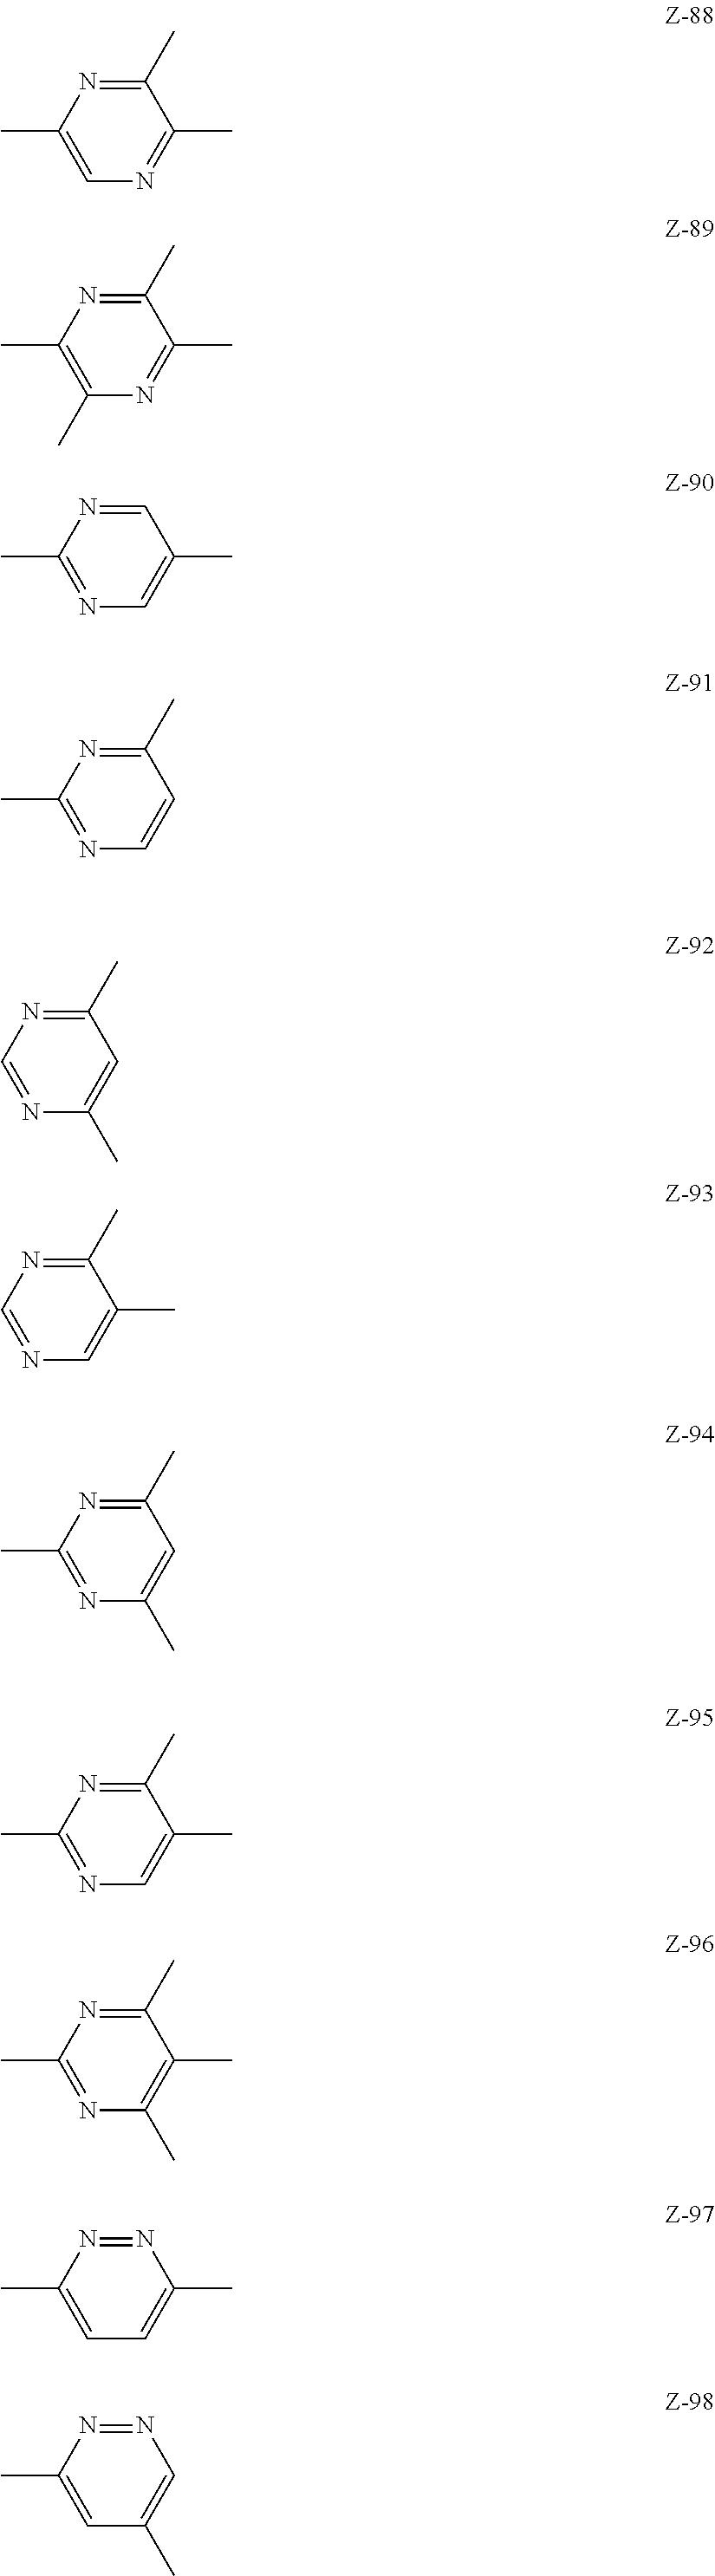 Figure US20110215312A1-20110908-C00041